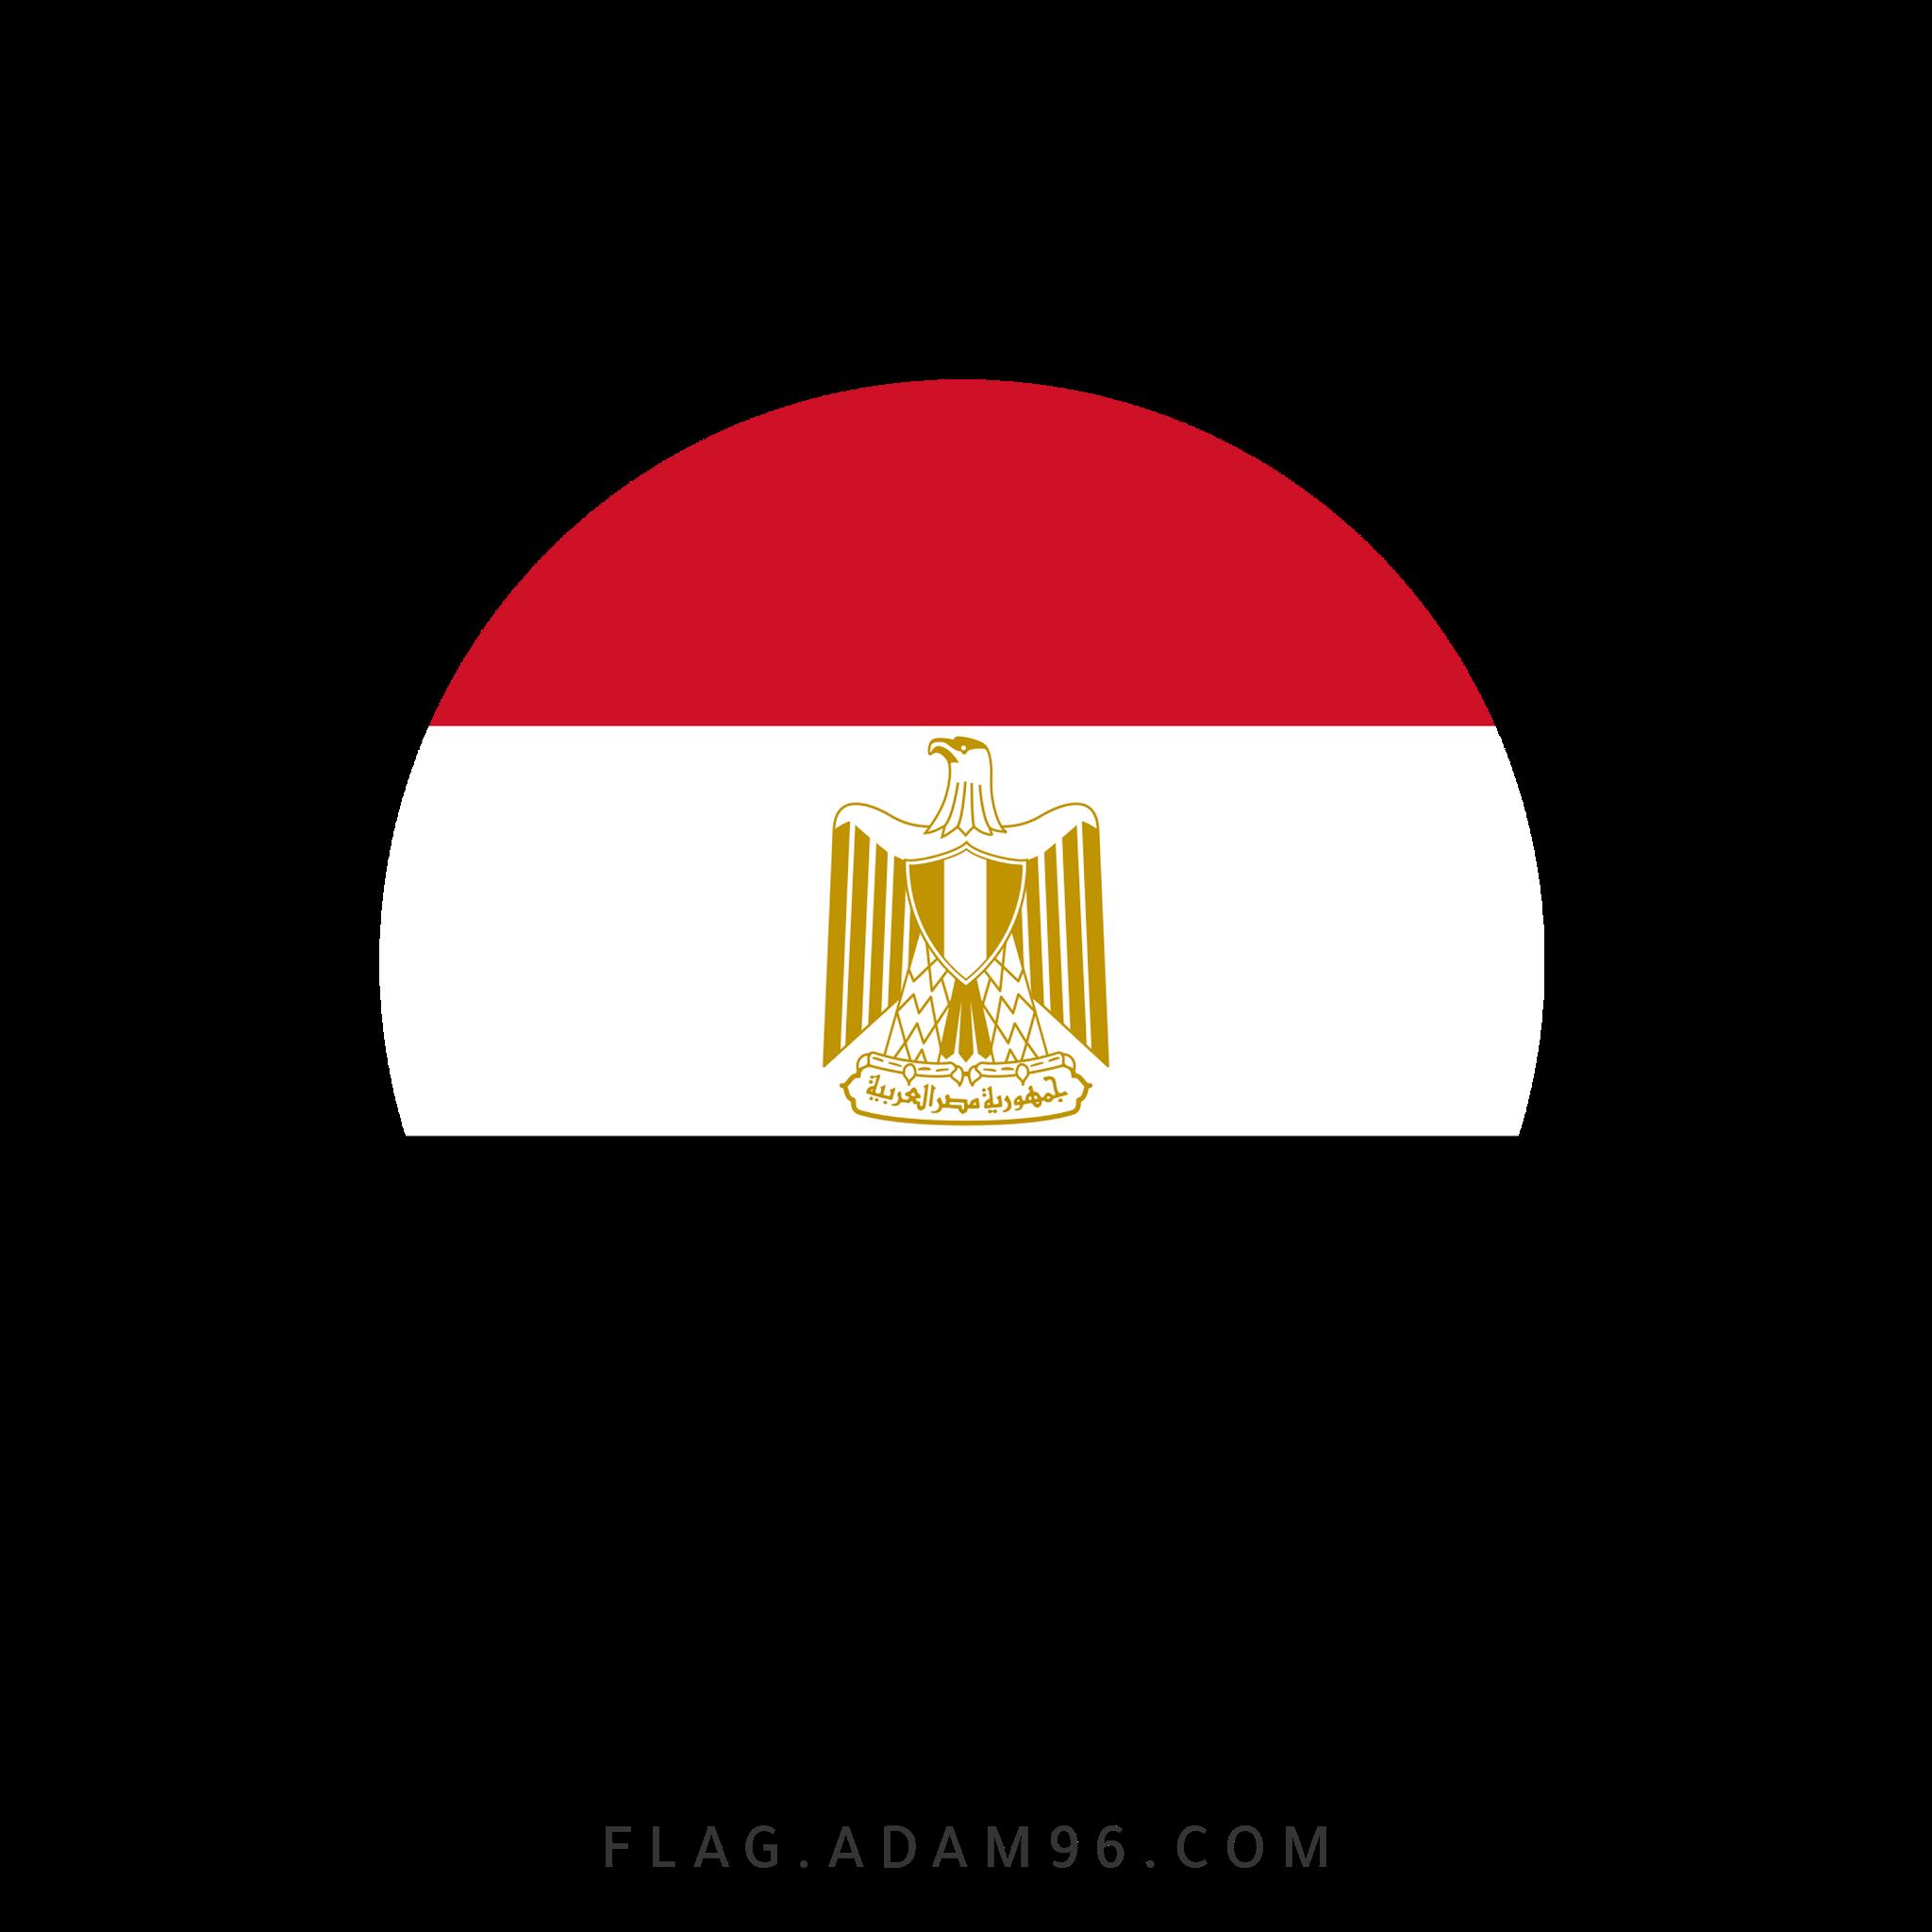 تحميل علم مصر بشكل دائري للتصميم خلفيات علم مصر للتصميم بصيغة PNG